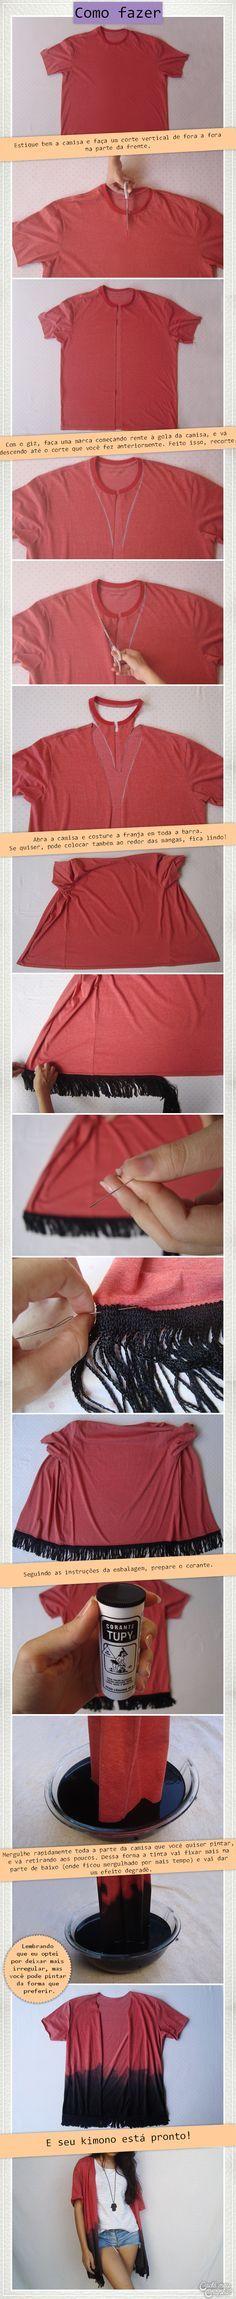 DIY Kimono fashion | DIY Fashion | DIY Quimono | More details on http://www.cademeuchapeu.com/diy-kimono